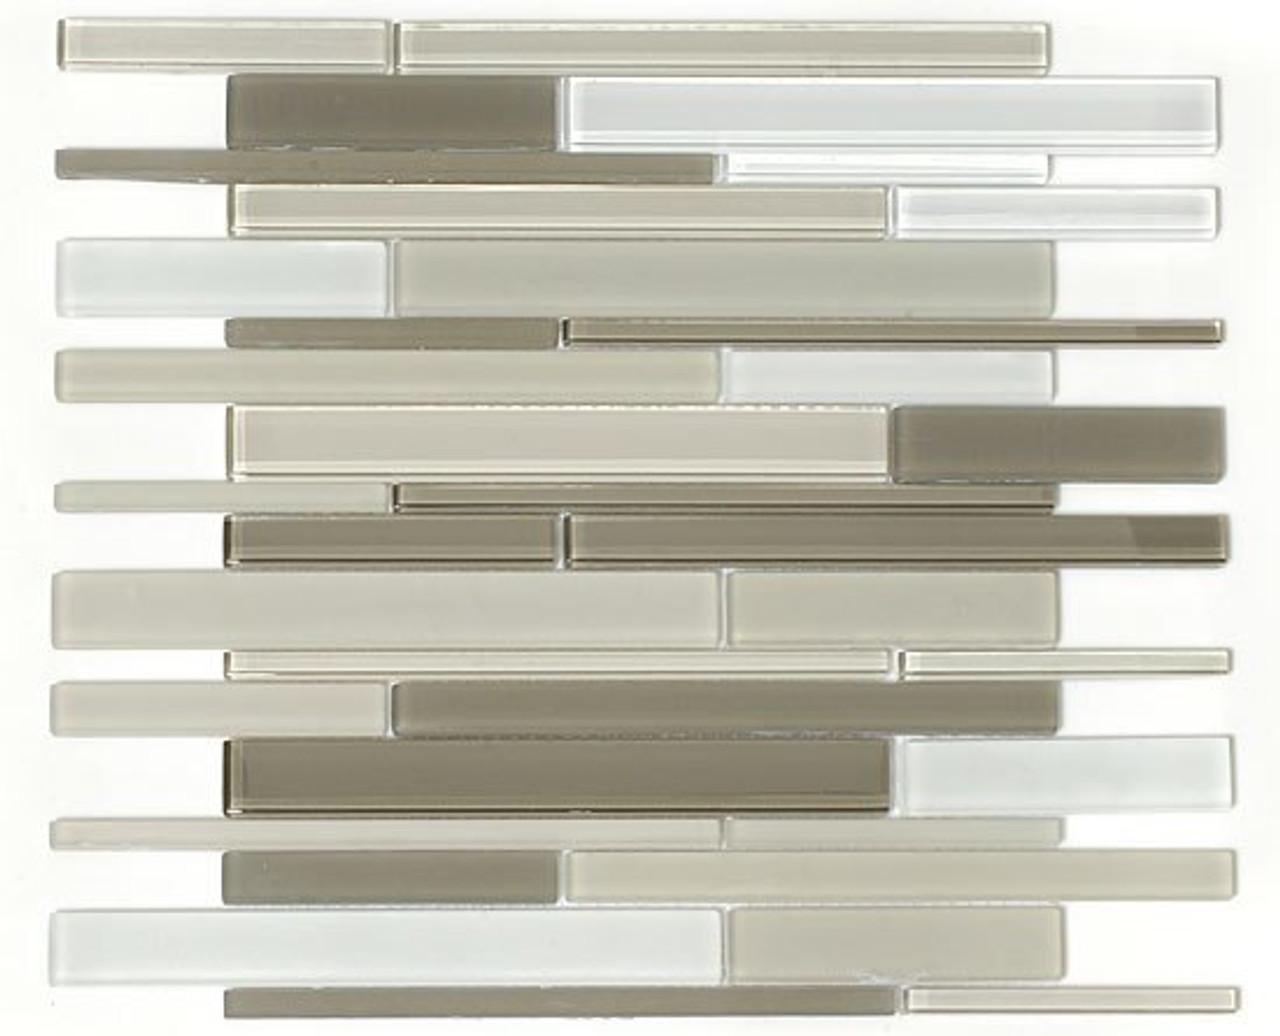 Bella Glass Tiles Cane Series Blend Glass Tiles CNB33 Cypress Green